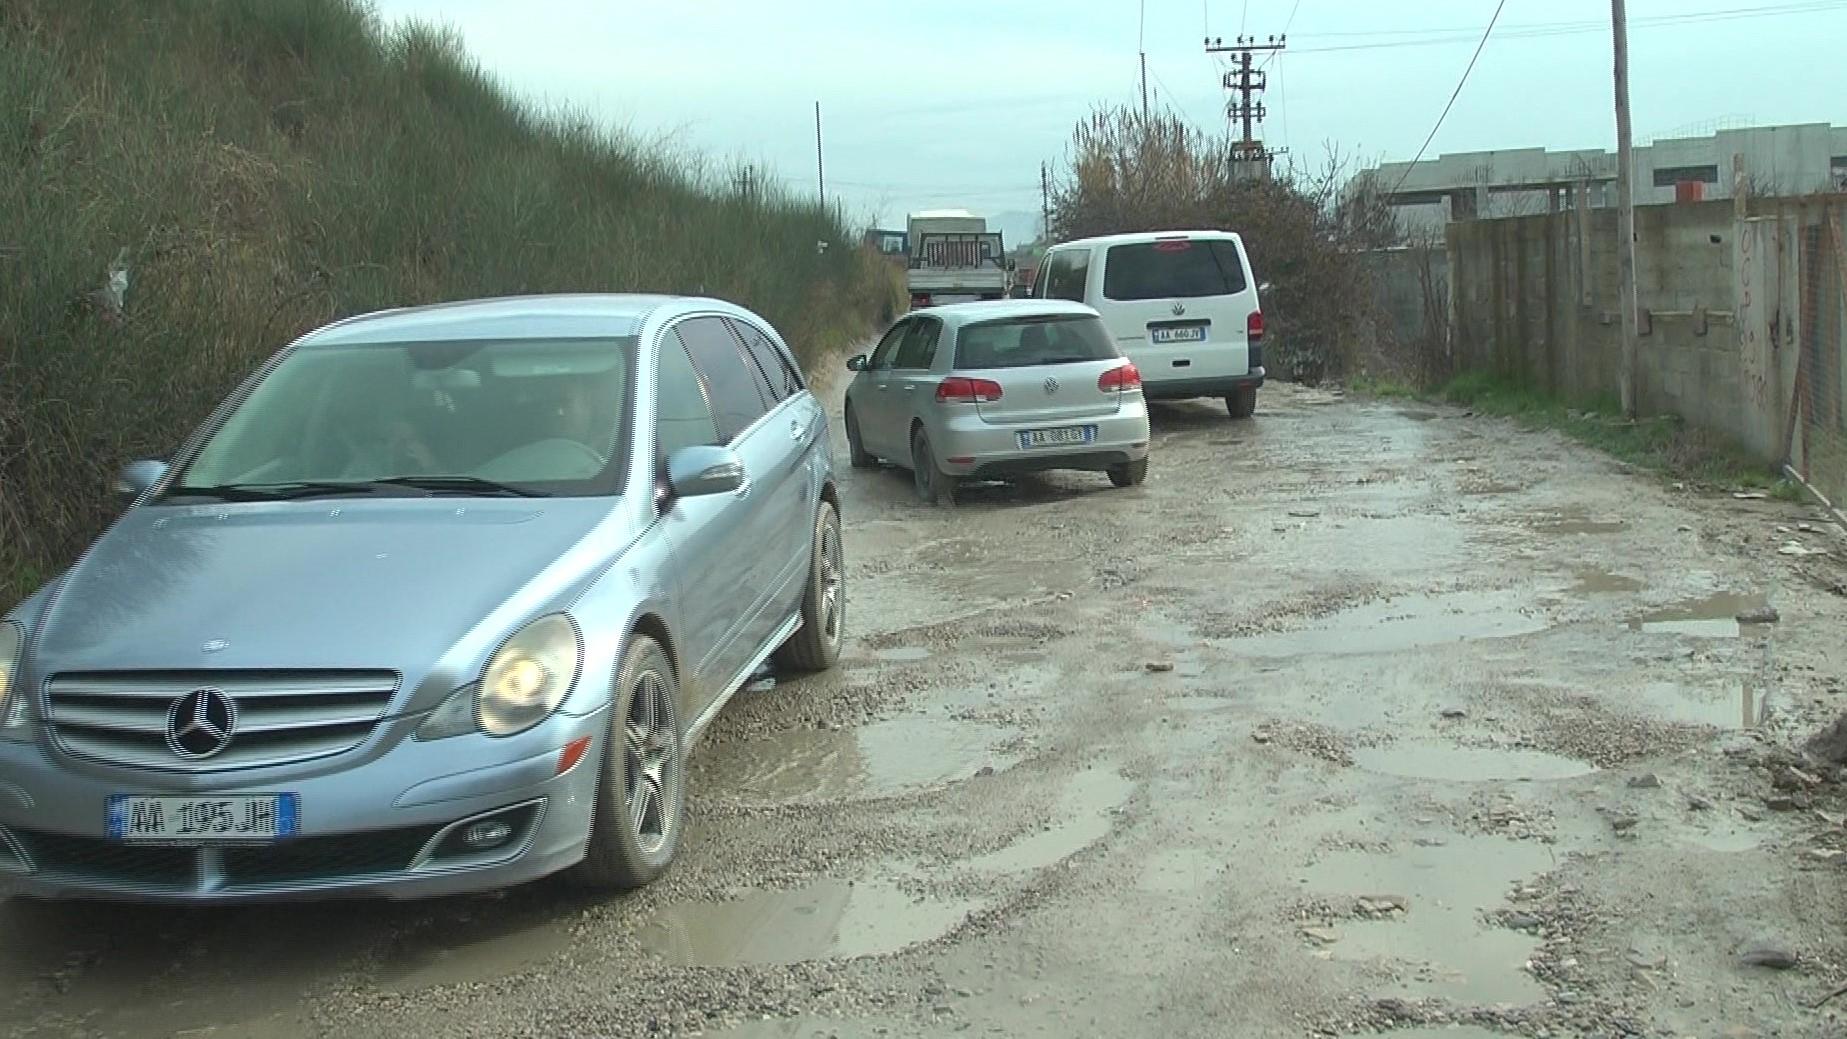 Mbikalimi i Fllakës në Durrës është kthyer në makth